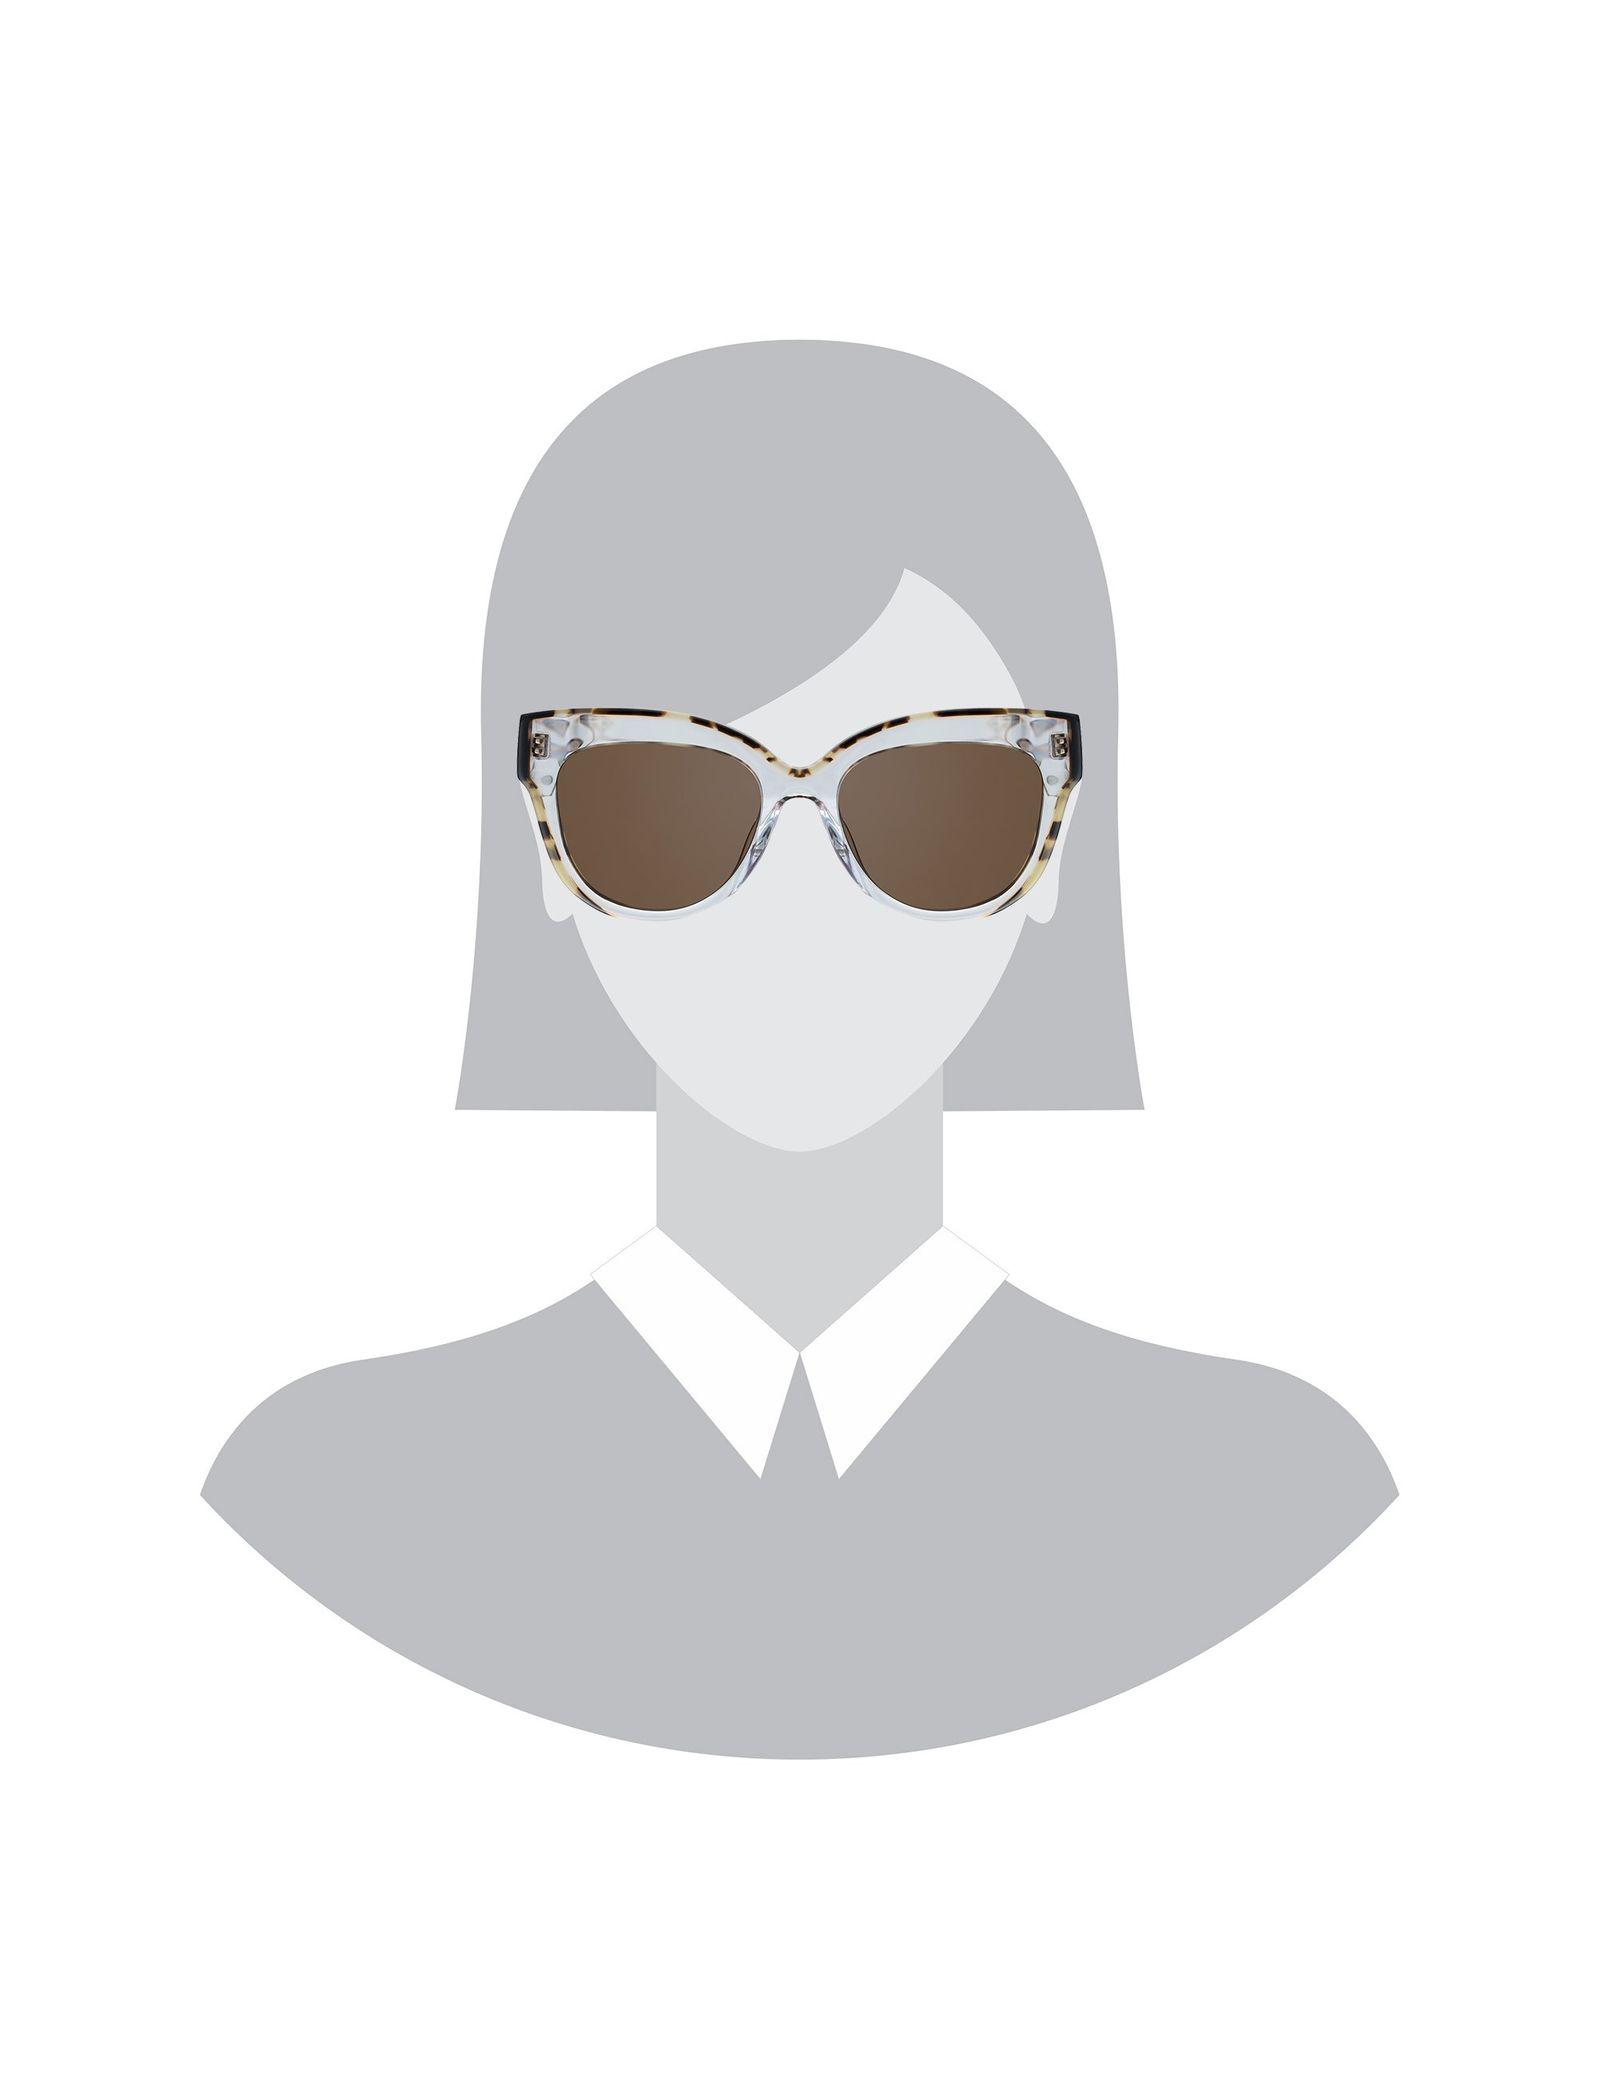 عینک آفتابی گربه ای زنانه - ساندرو - بي رنگ - 5